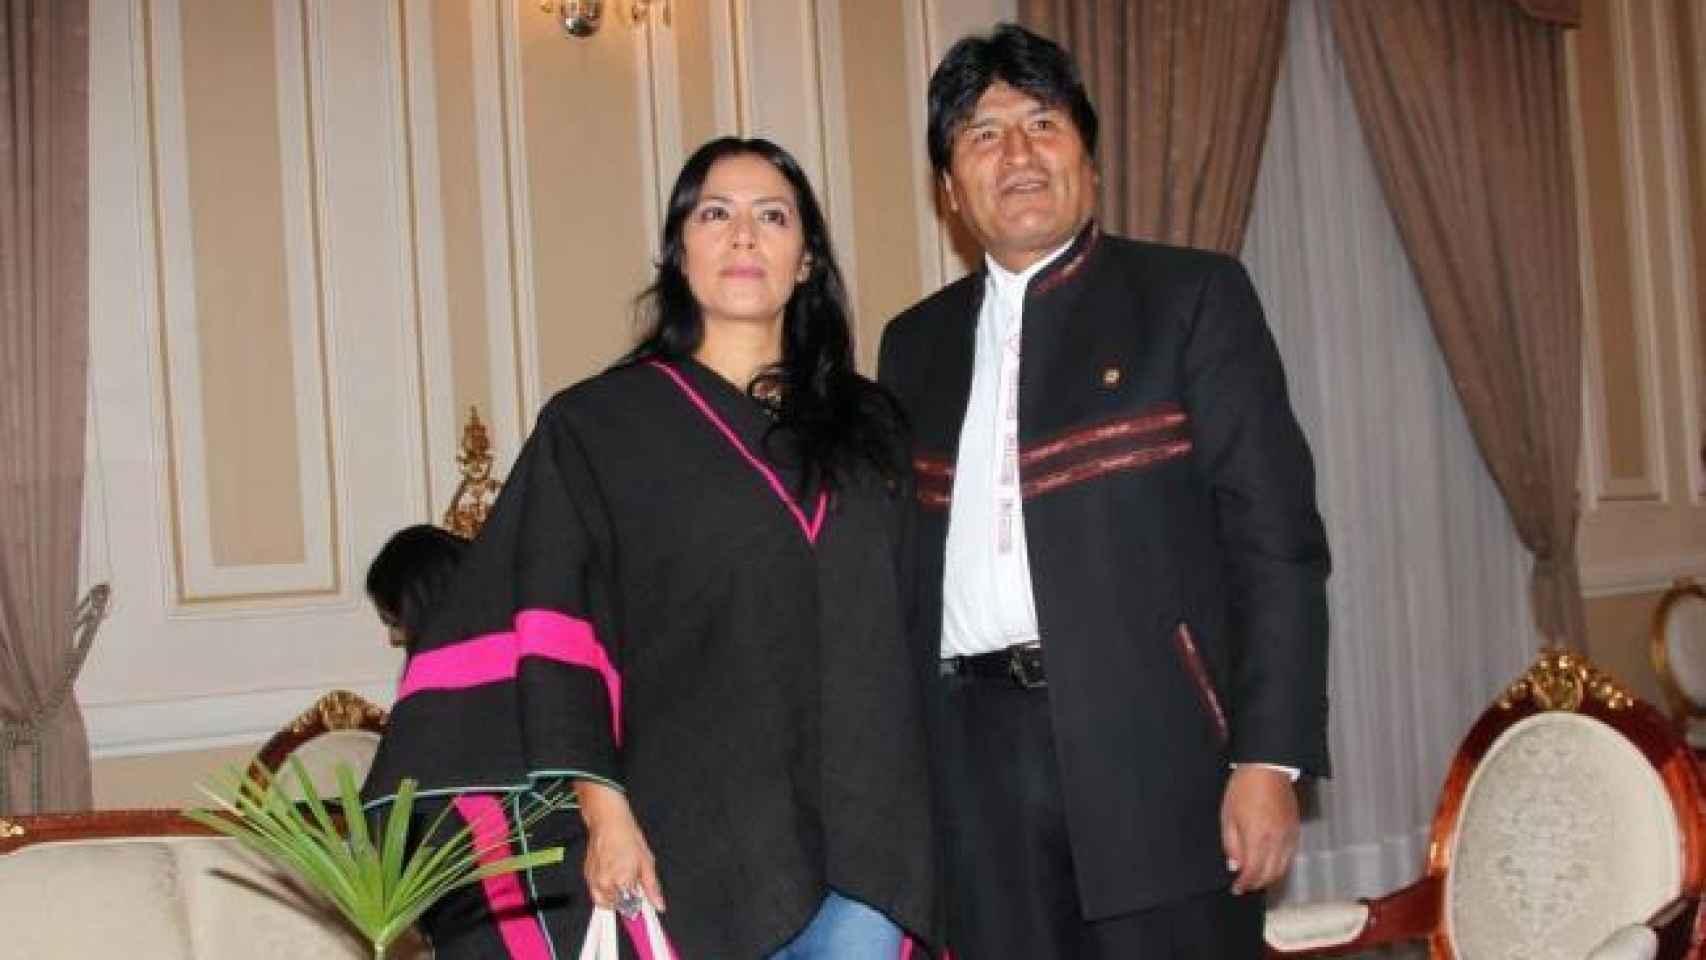 Evo Morales y Lila Downs durante el encuentro en el palacio Palacio de Gobierno de La Paz (Bolivia)